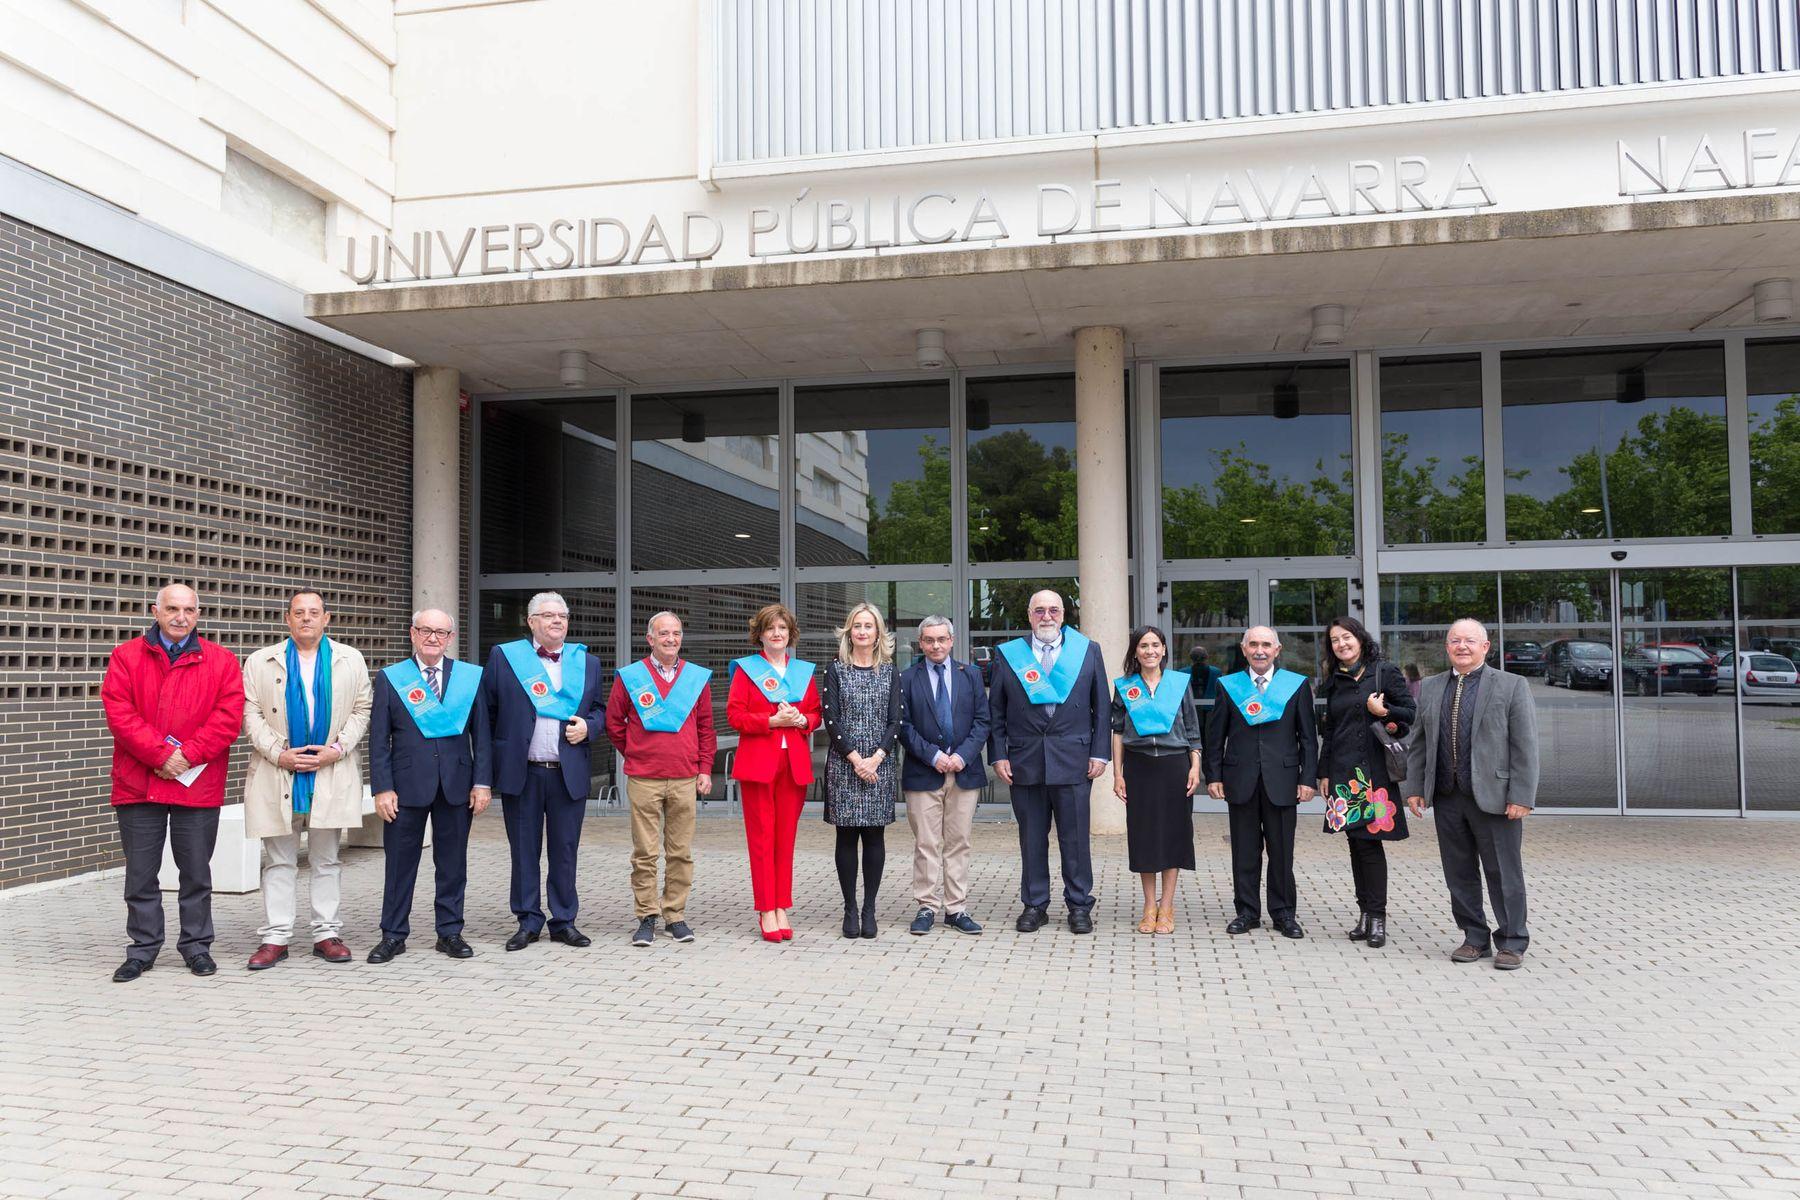 Foto de familia del Aula de la Experiencia de Tudela, con los estudiantes recién graduados y el profesorado.